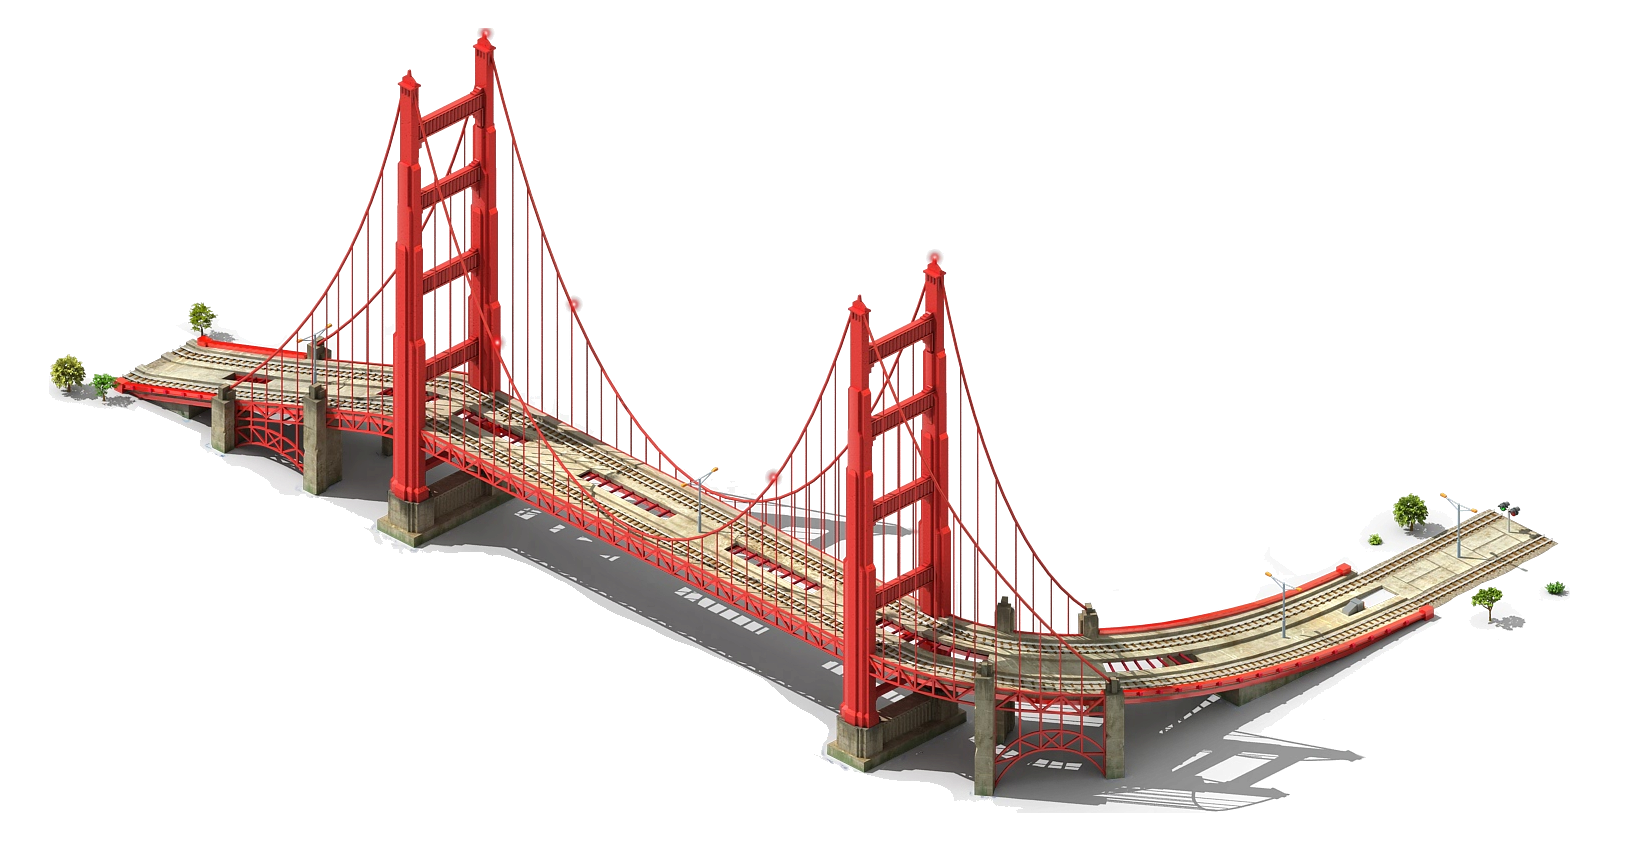 suspension bridge png transparent suspension bridge png golden gate bridge clipart Gate Clip Art Black and White